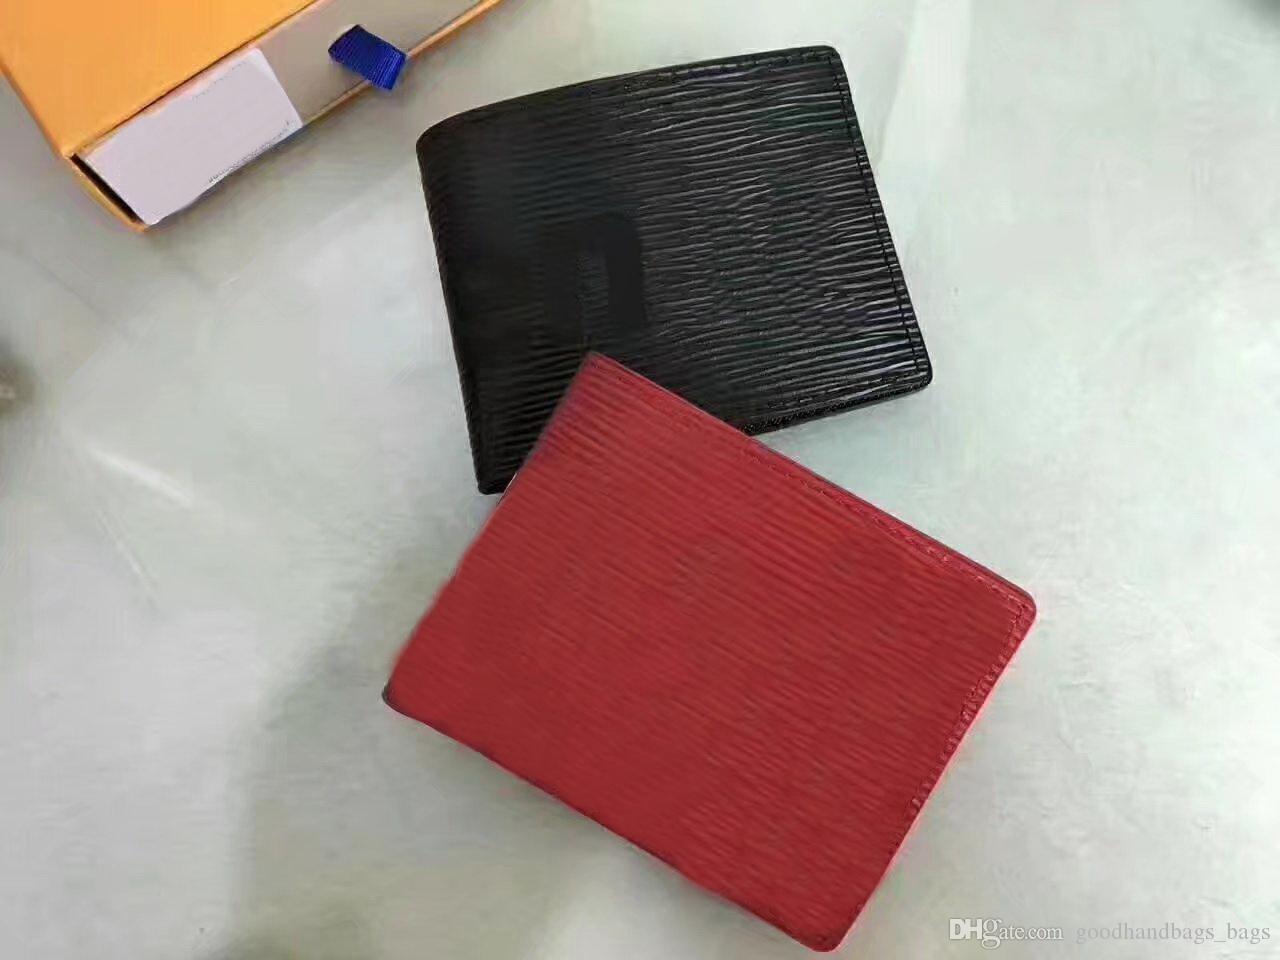 2018 MEW haute qualité Mens Wallet Livraison gratuite en cuir pour hommes avec Portefeuilles pour les hommes Porte-Monnaie Portefeuille hommes Portefeuille avec sac à poussière boîte # 6654